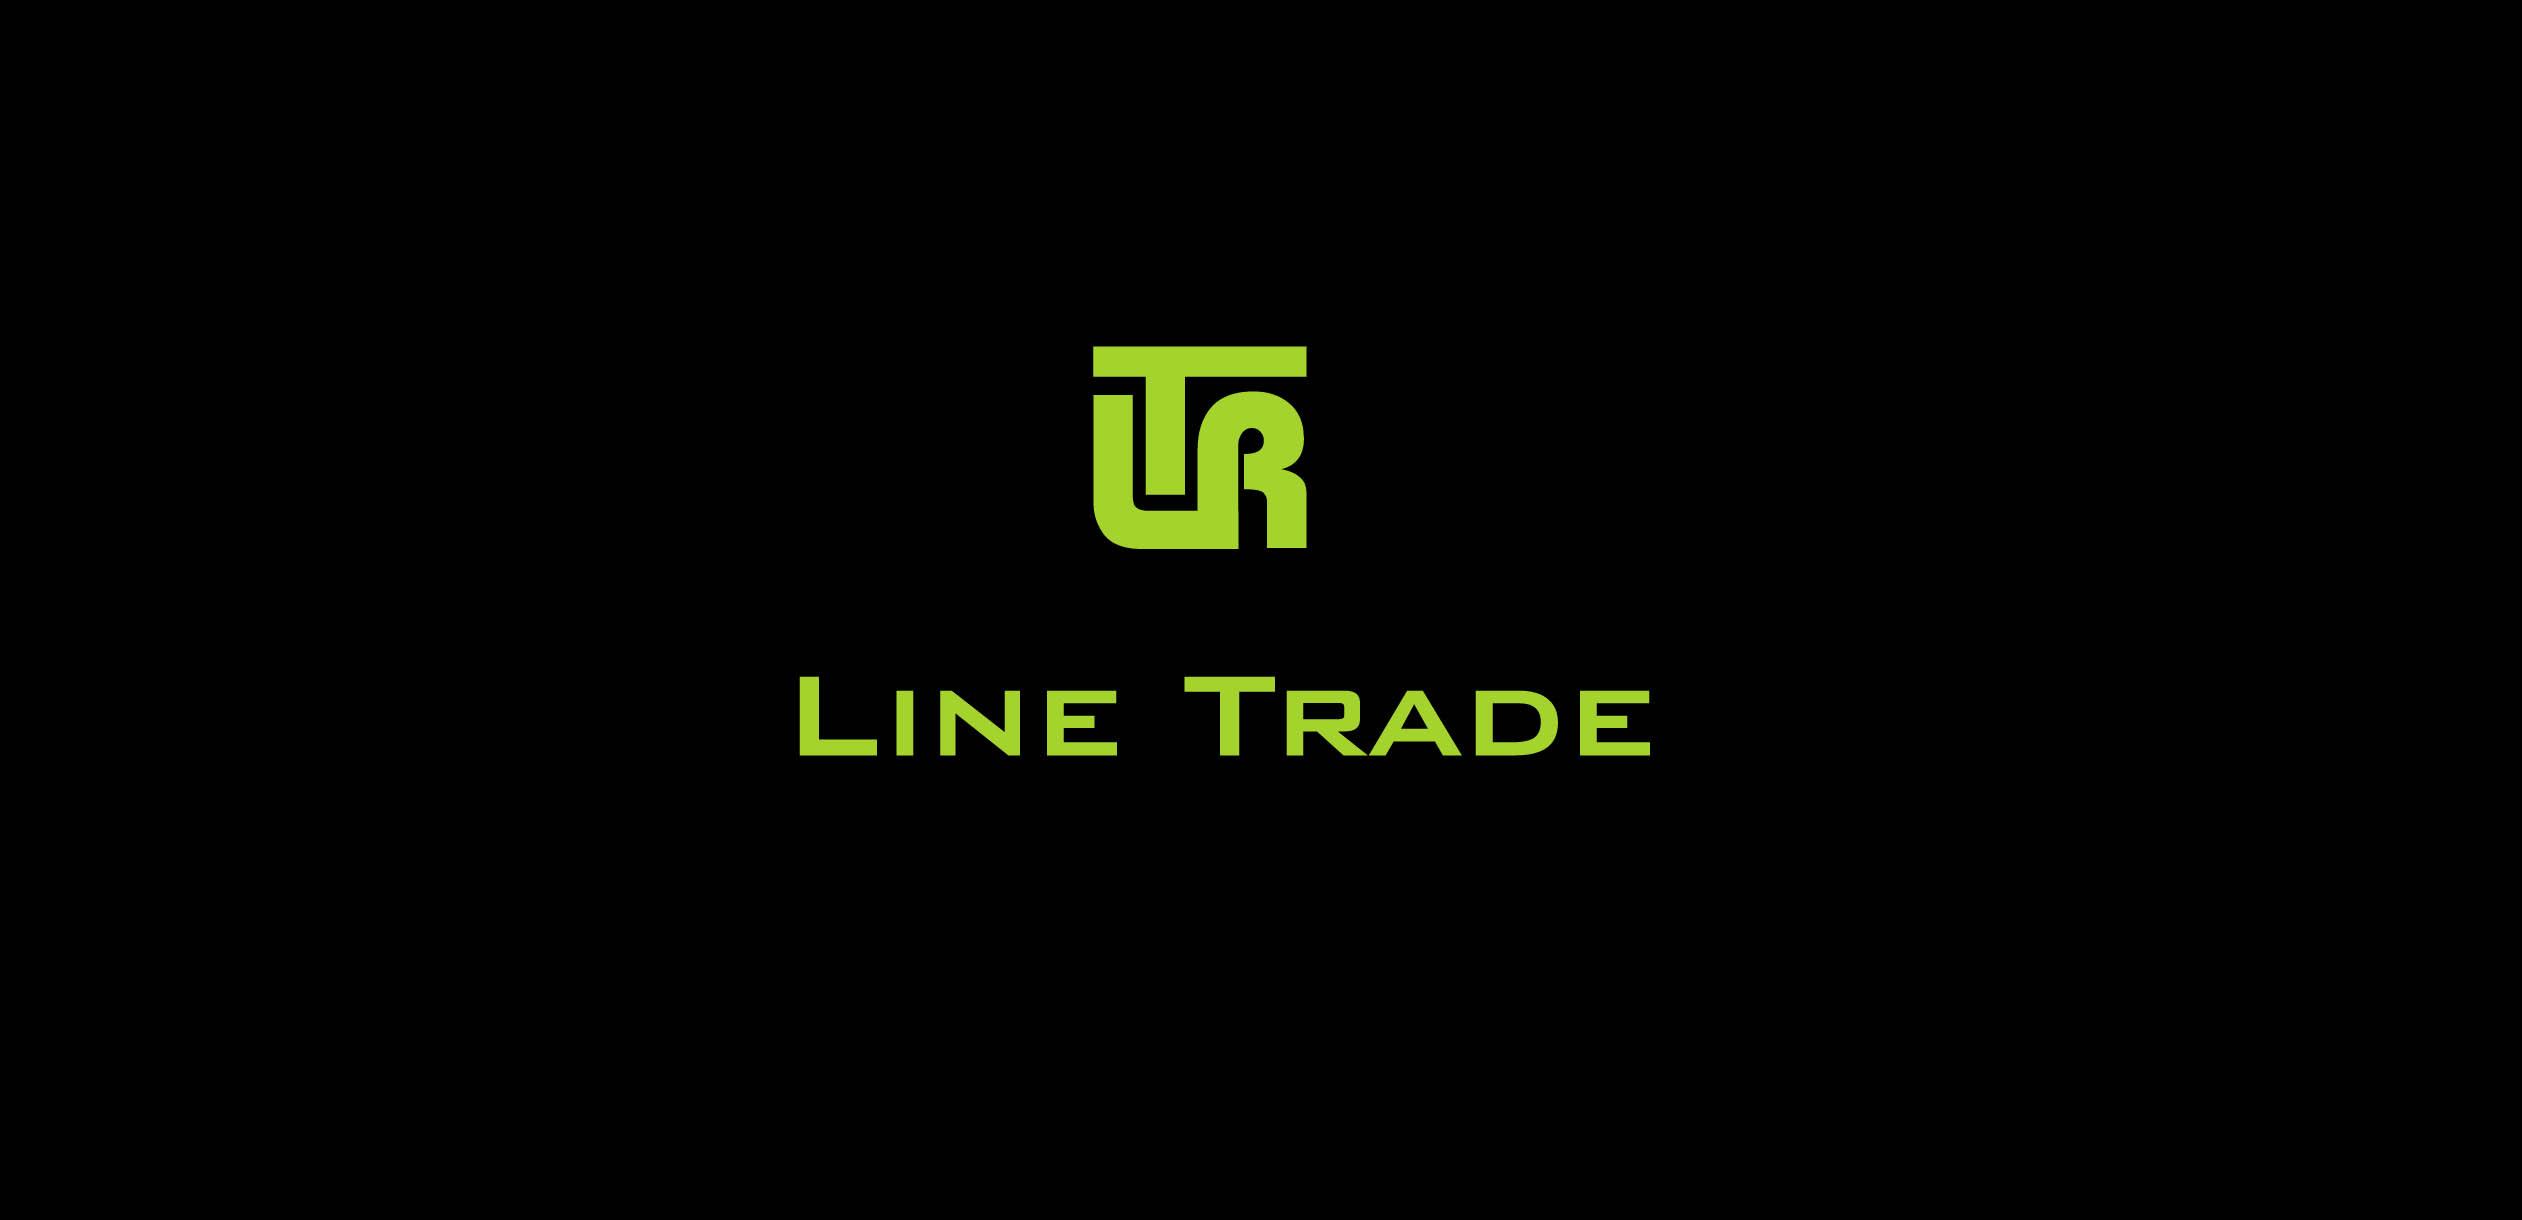 Разработка логотипа компании Line Trade фото f_53650f7cd9c16f98.jpg